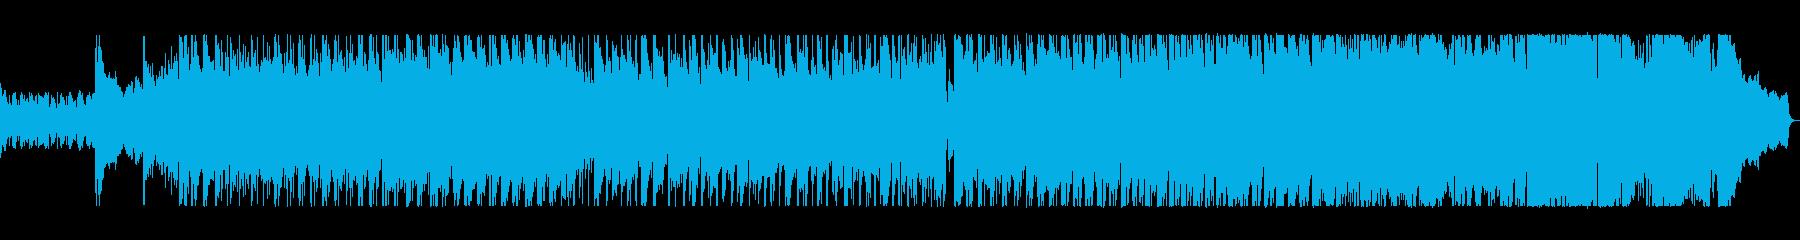 明るく疾走感のあるアップテンポメロディの再生済みの波形